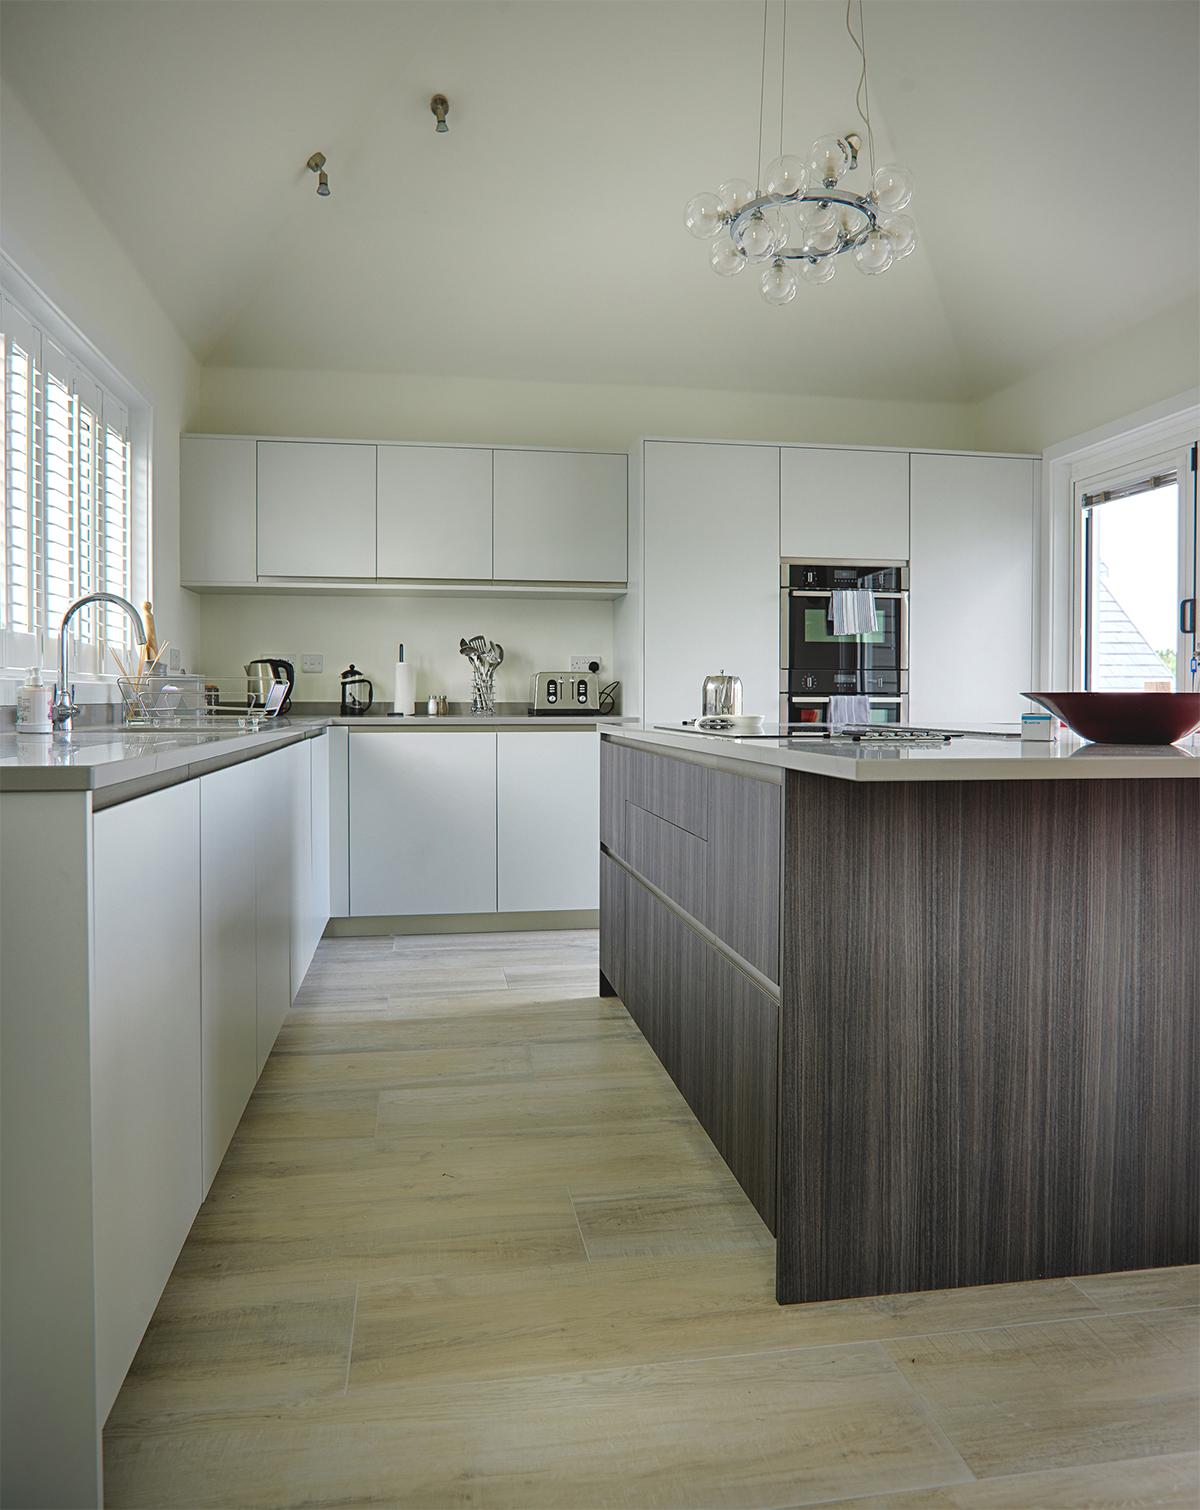 Watermark_Homes_Kitchen_10.jpg